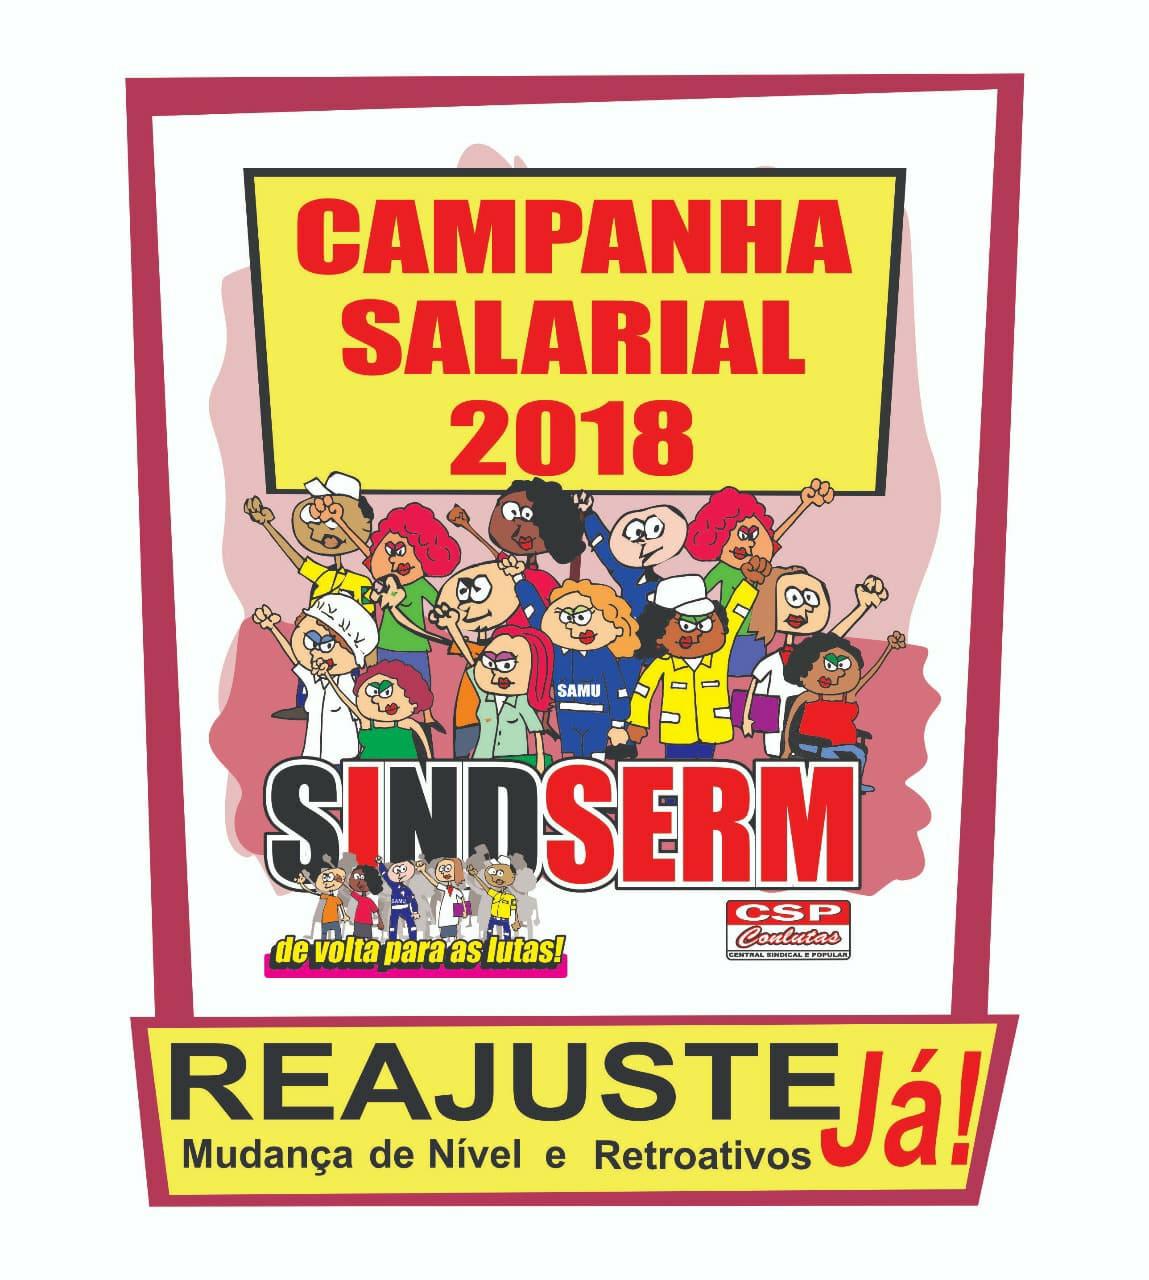 campanha-salarial.jpg